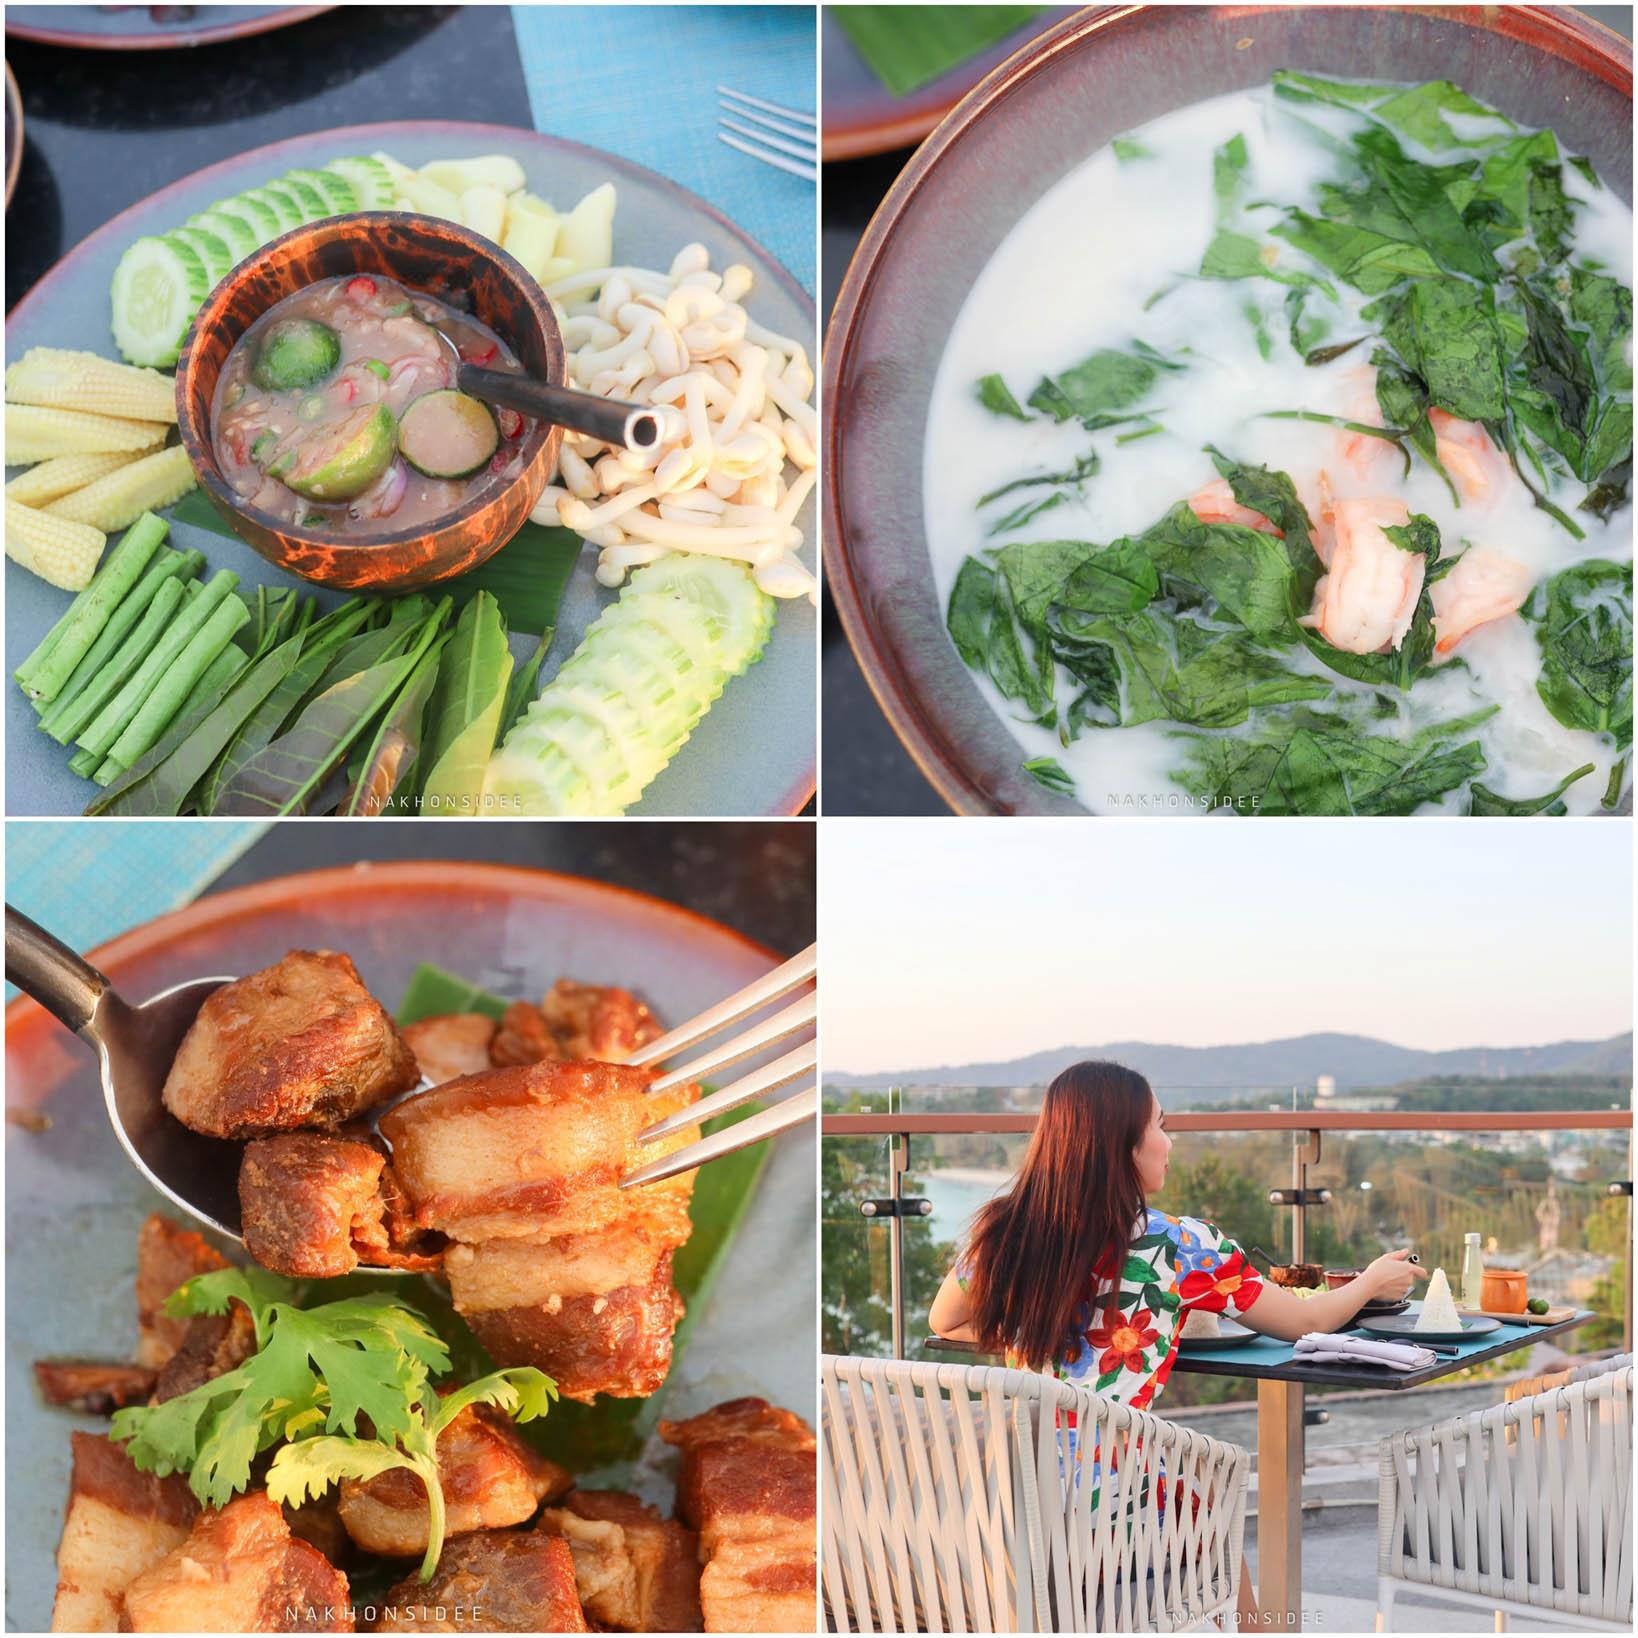 และเรื่องอาหารยังไม่จบเพียงเท่านี้-มีอาหารไทย-อาหารปักษ์ใต้สไตล์ภูเก็ตด้วย-ได้คุยกับเชฟคือตั้งใจมากๆครับแต่ละเมนู-อร่อยด้วยน้า  thesis,kata,ที่พักภูเก็ต,phuket,หาดกะตะ,เดอะซิสภูเก็ต